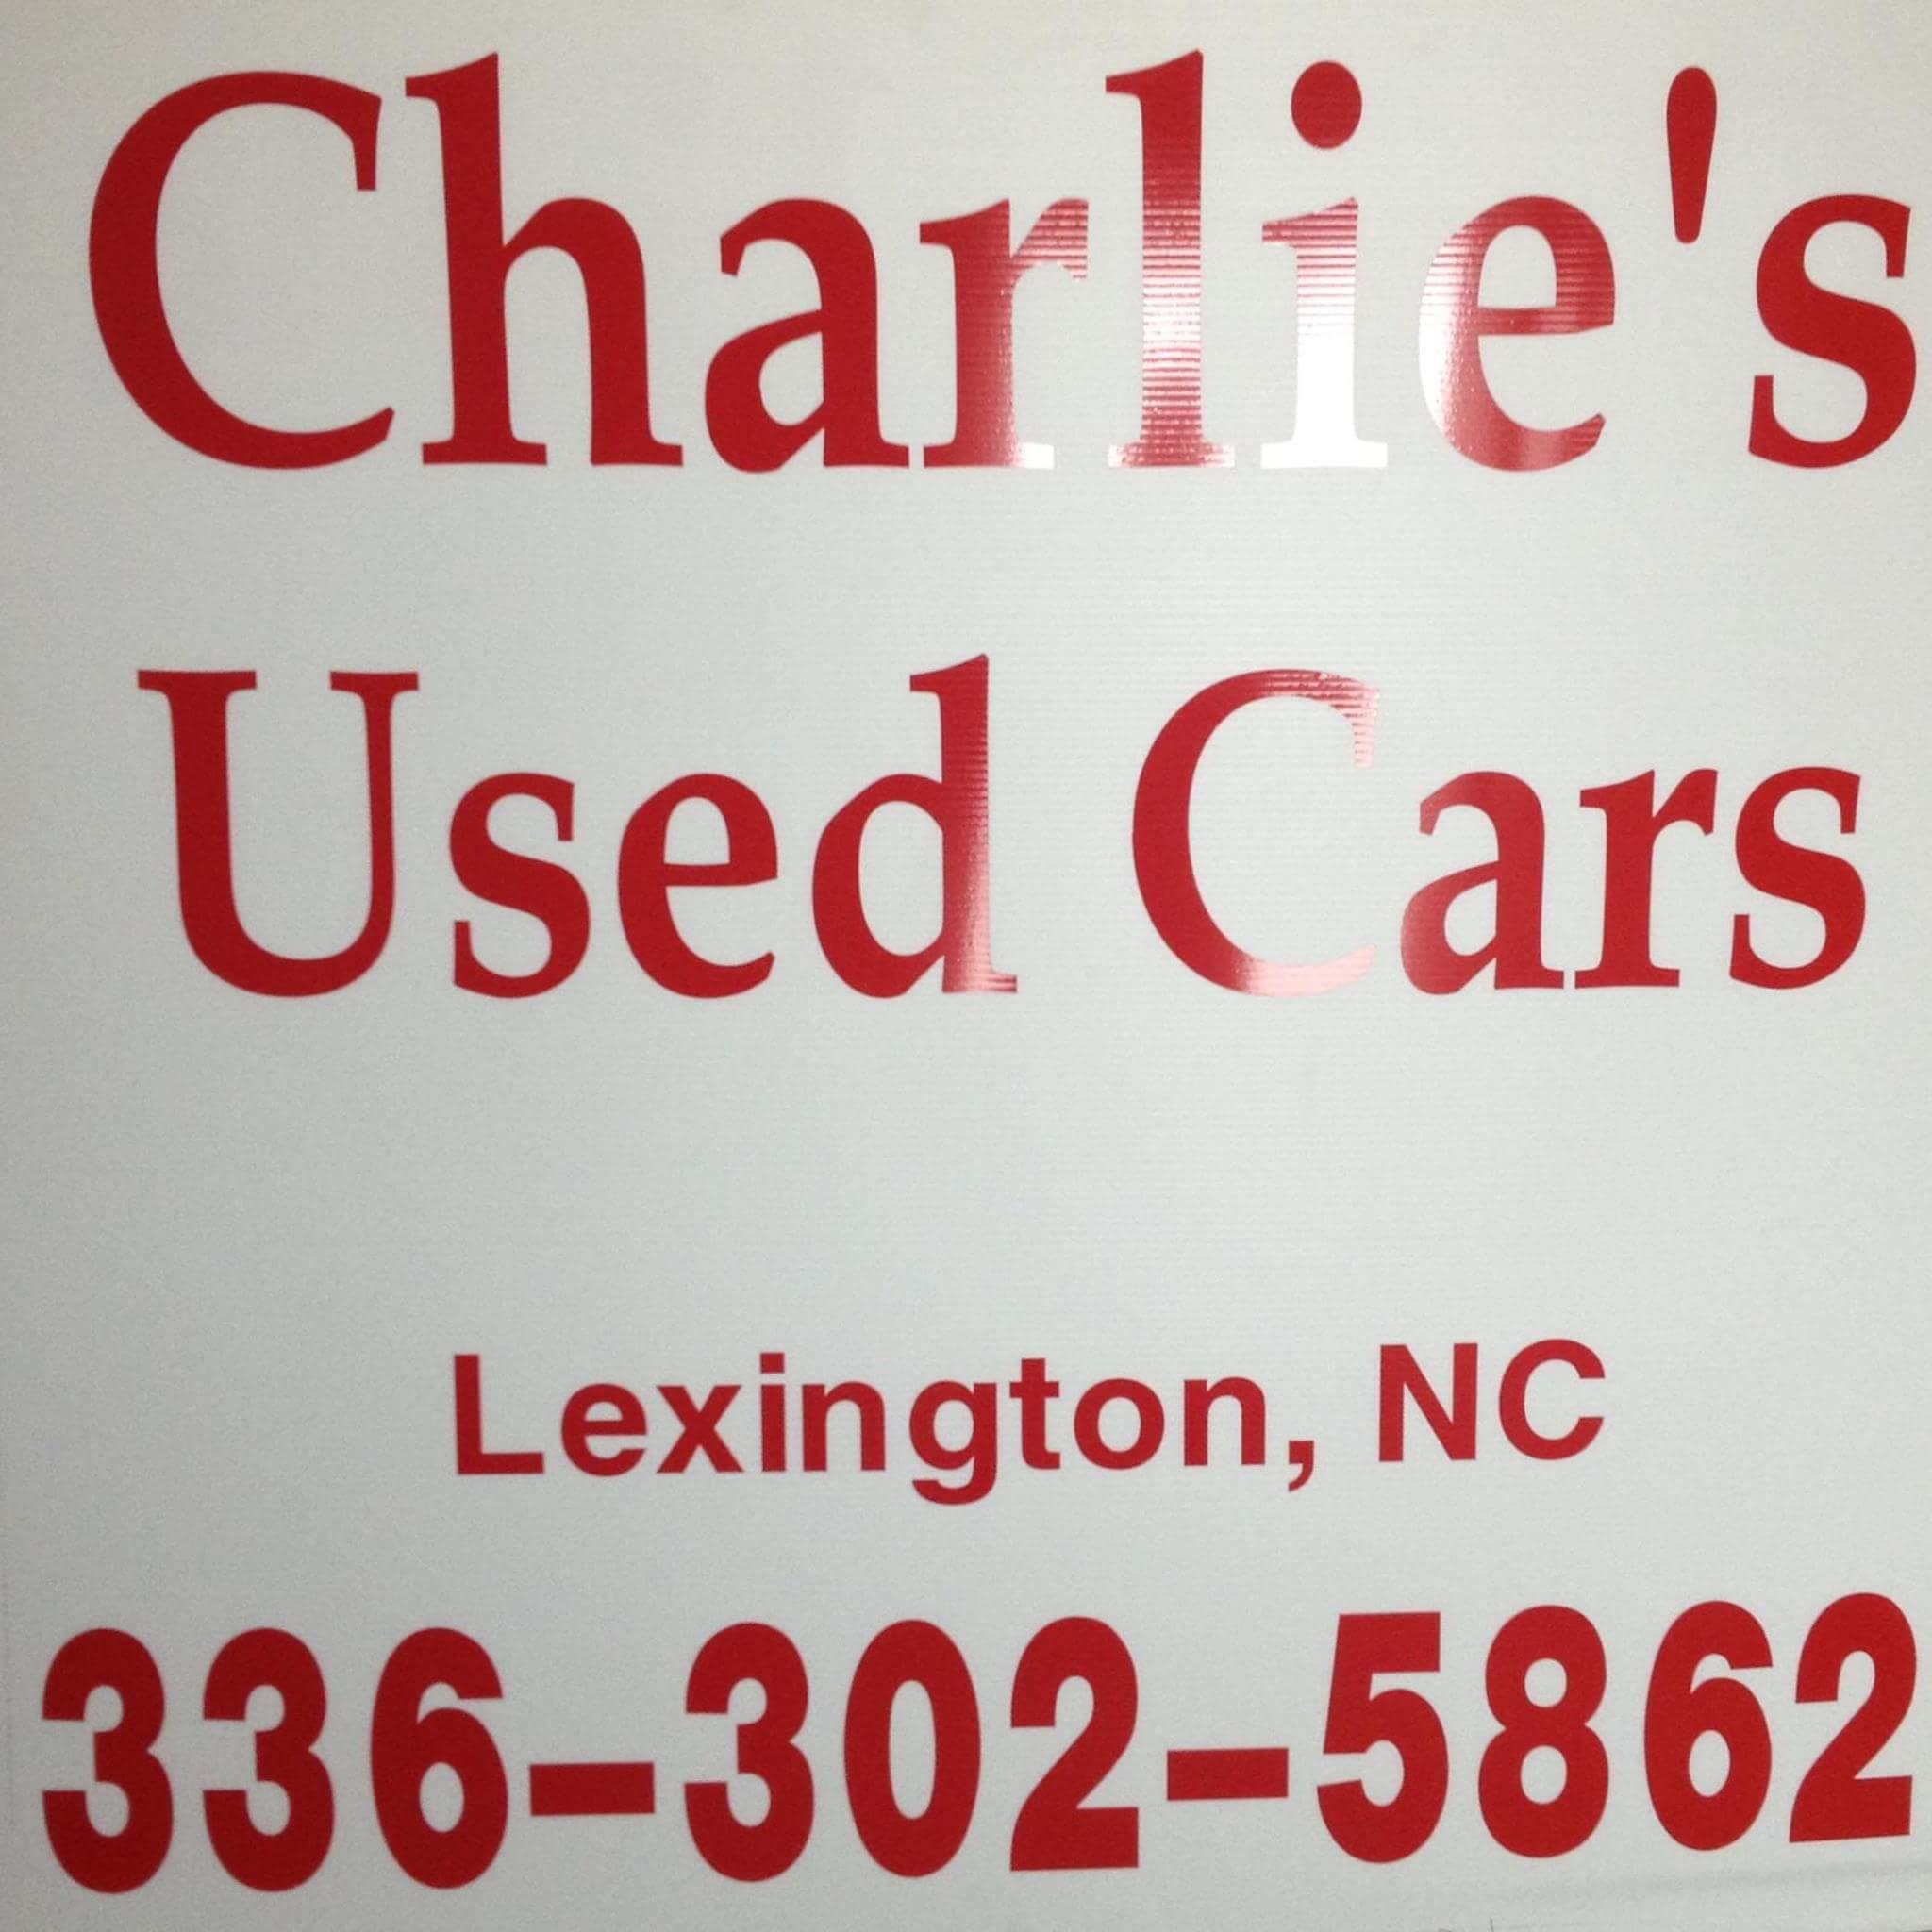 Charlie's used cars, Lexington NC